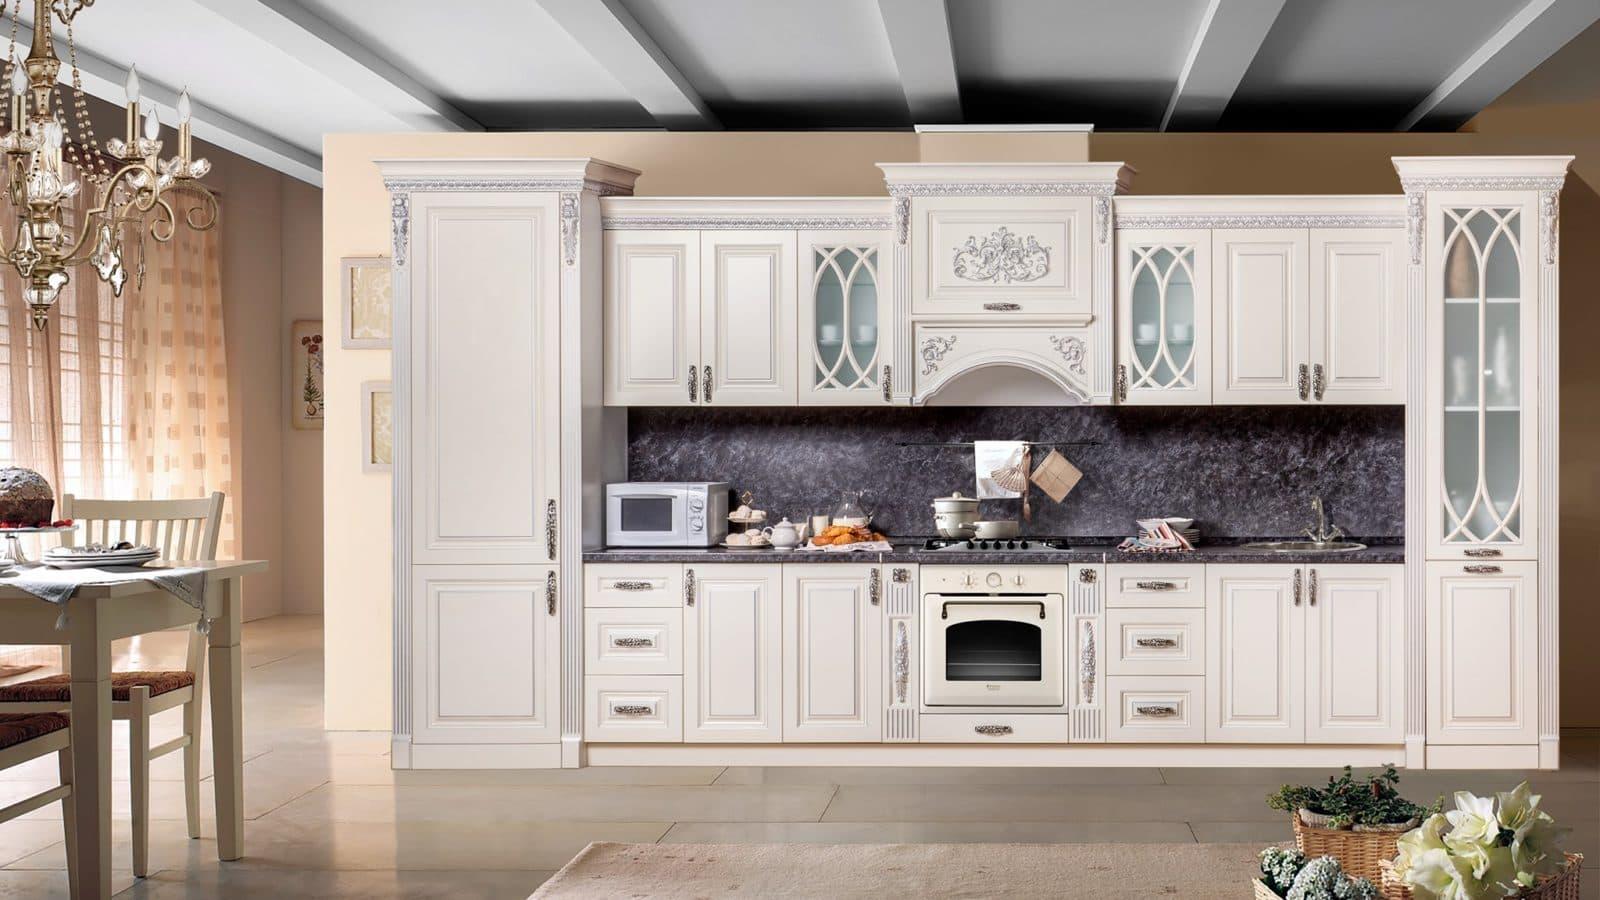 """Кухонная мебель """"Ариана серебро"""" от мебельной фабрики СКФМ"""